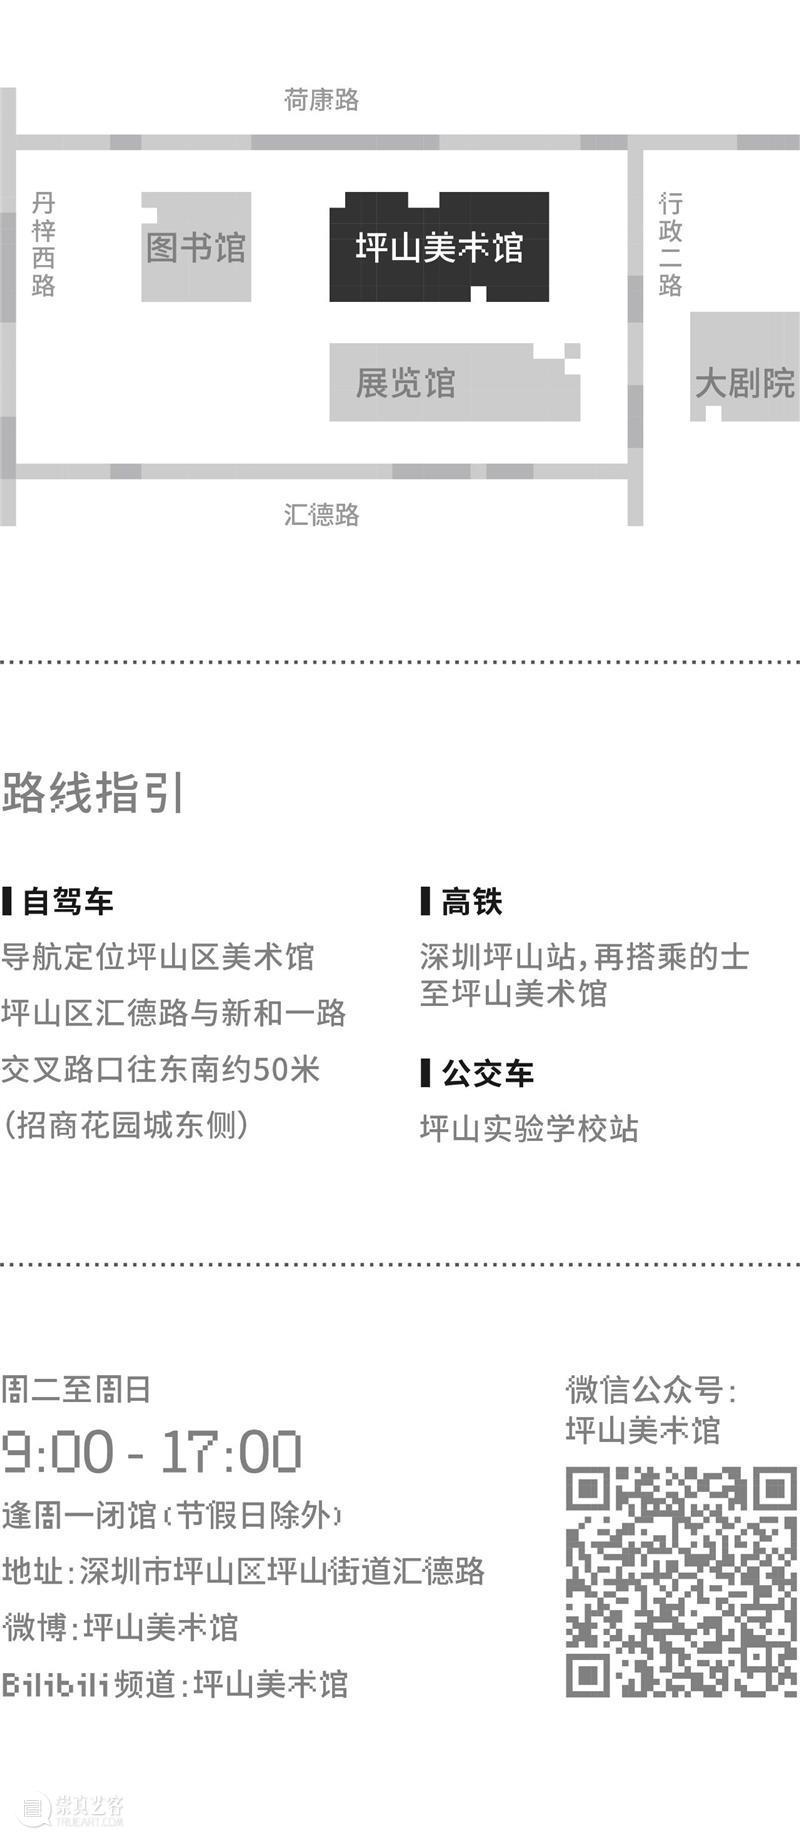 """跨界大展 九层塔⑧姜杰、彭薇、尹秀珍""""情景""""预告 崇真艺客"""